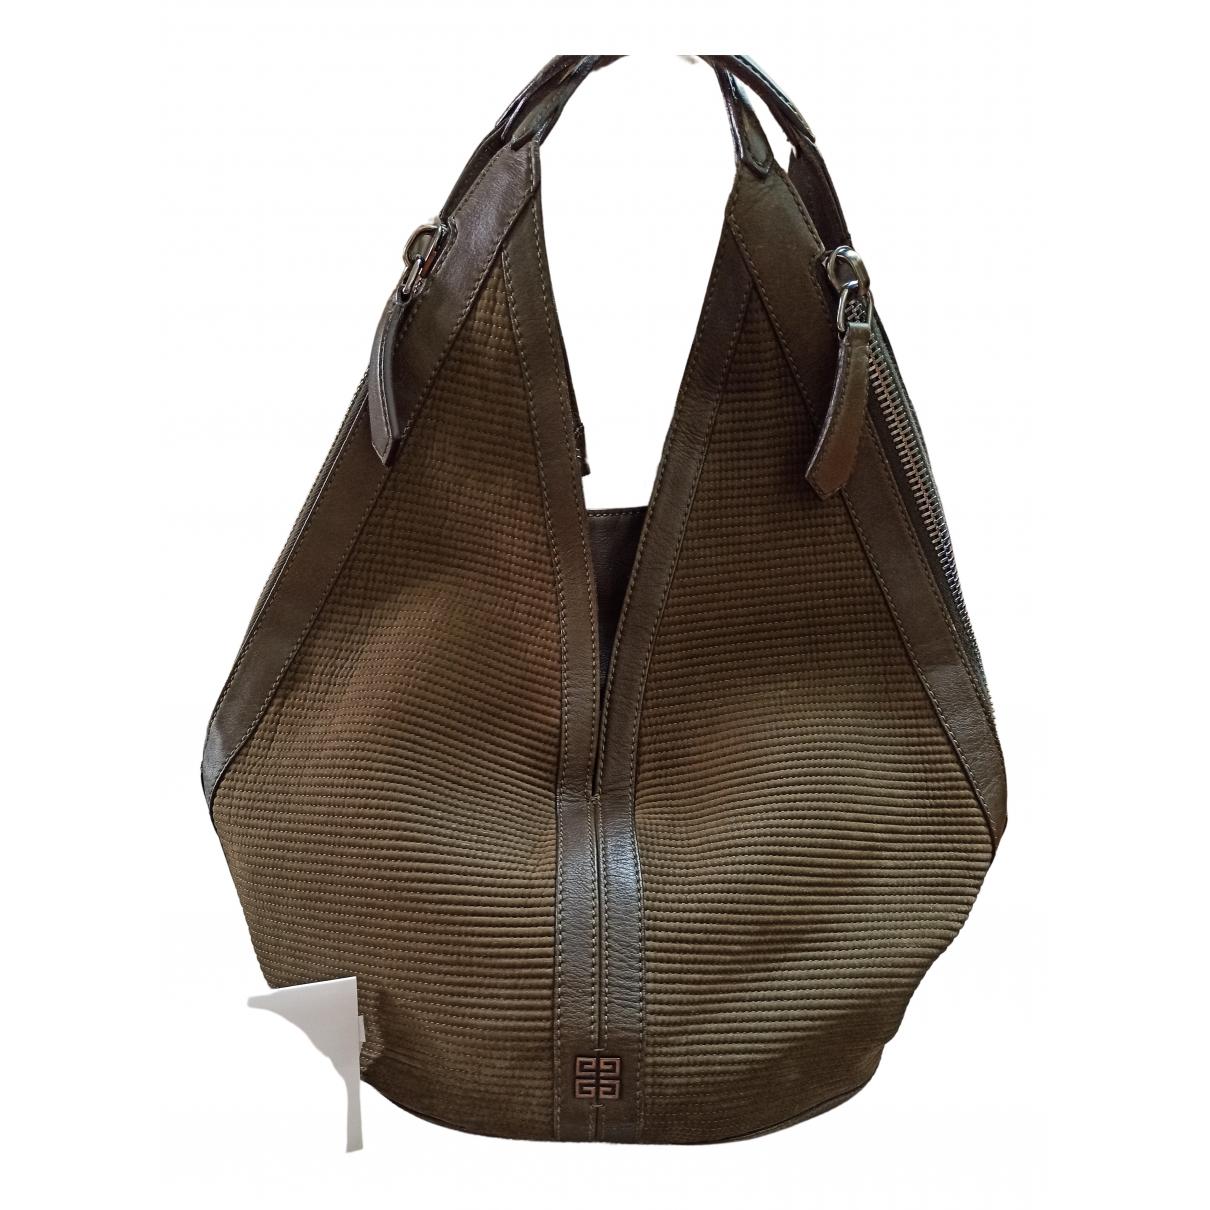 Givenchy \N Handtasche in  Khaki Leder